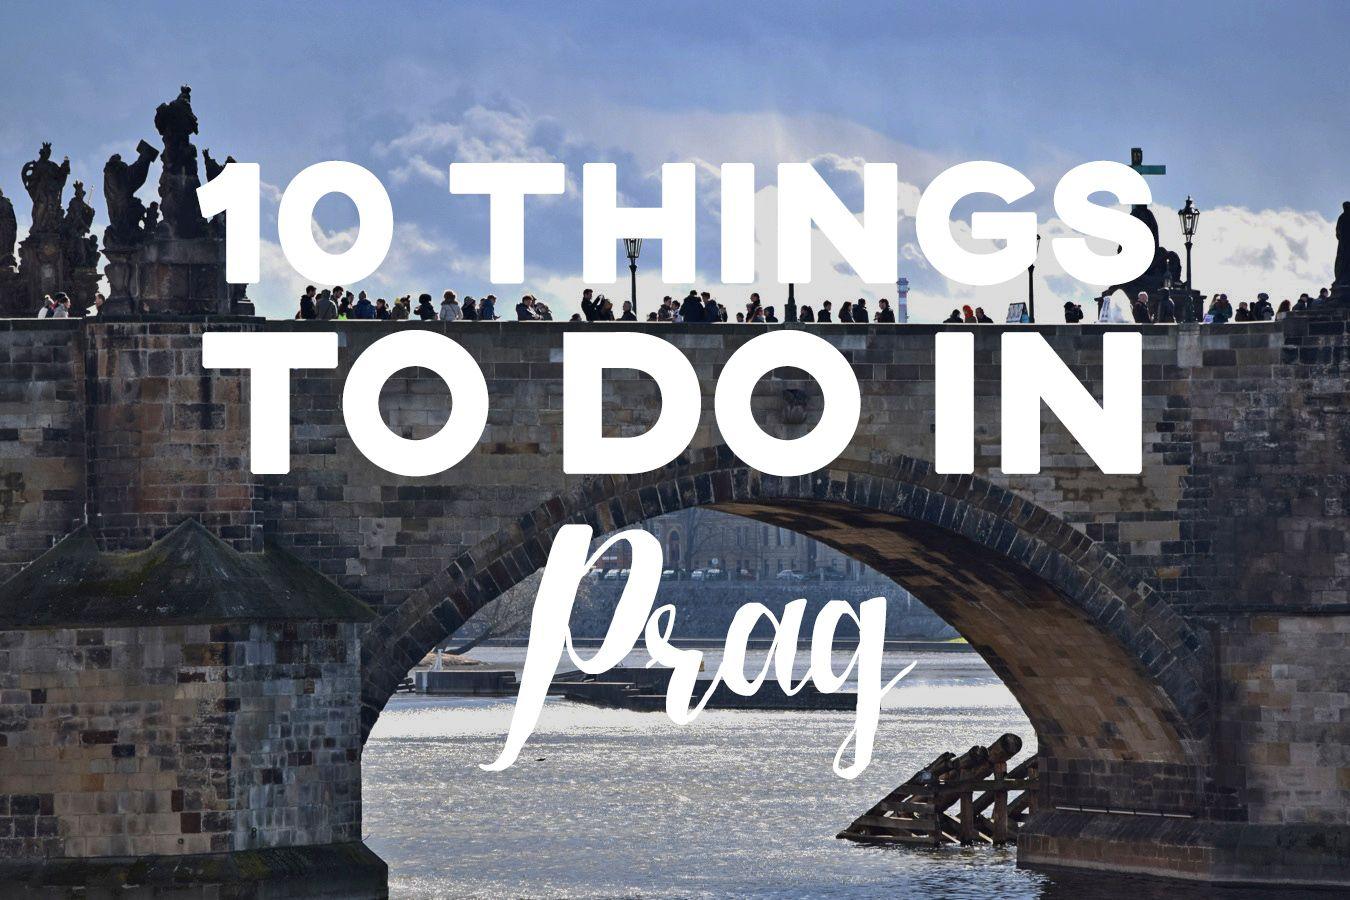 10 Things to do in Prag - German - 10 Tipps für Prag die in 48 Stunden zu erledigen sind!  #Prag #Praha #Europe